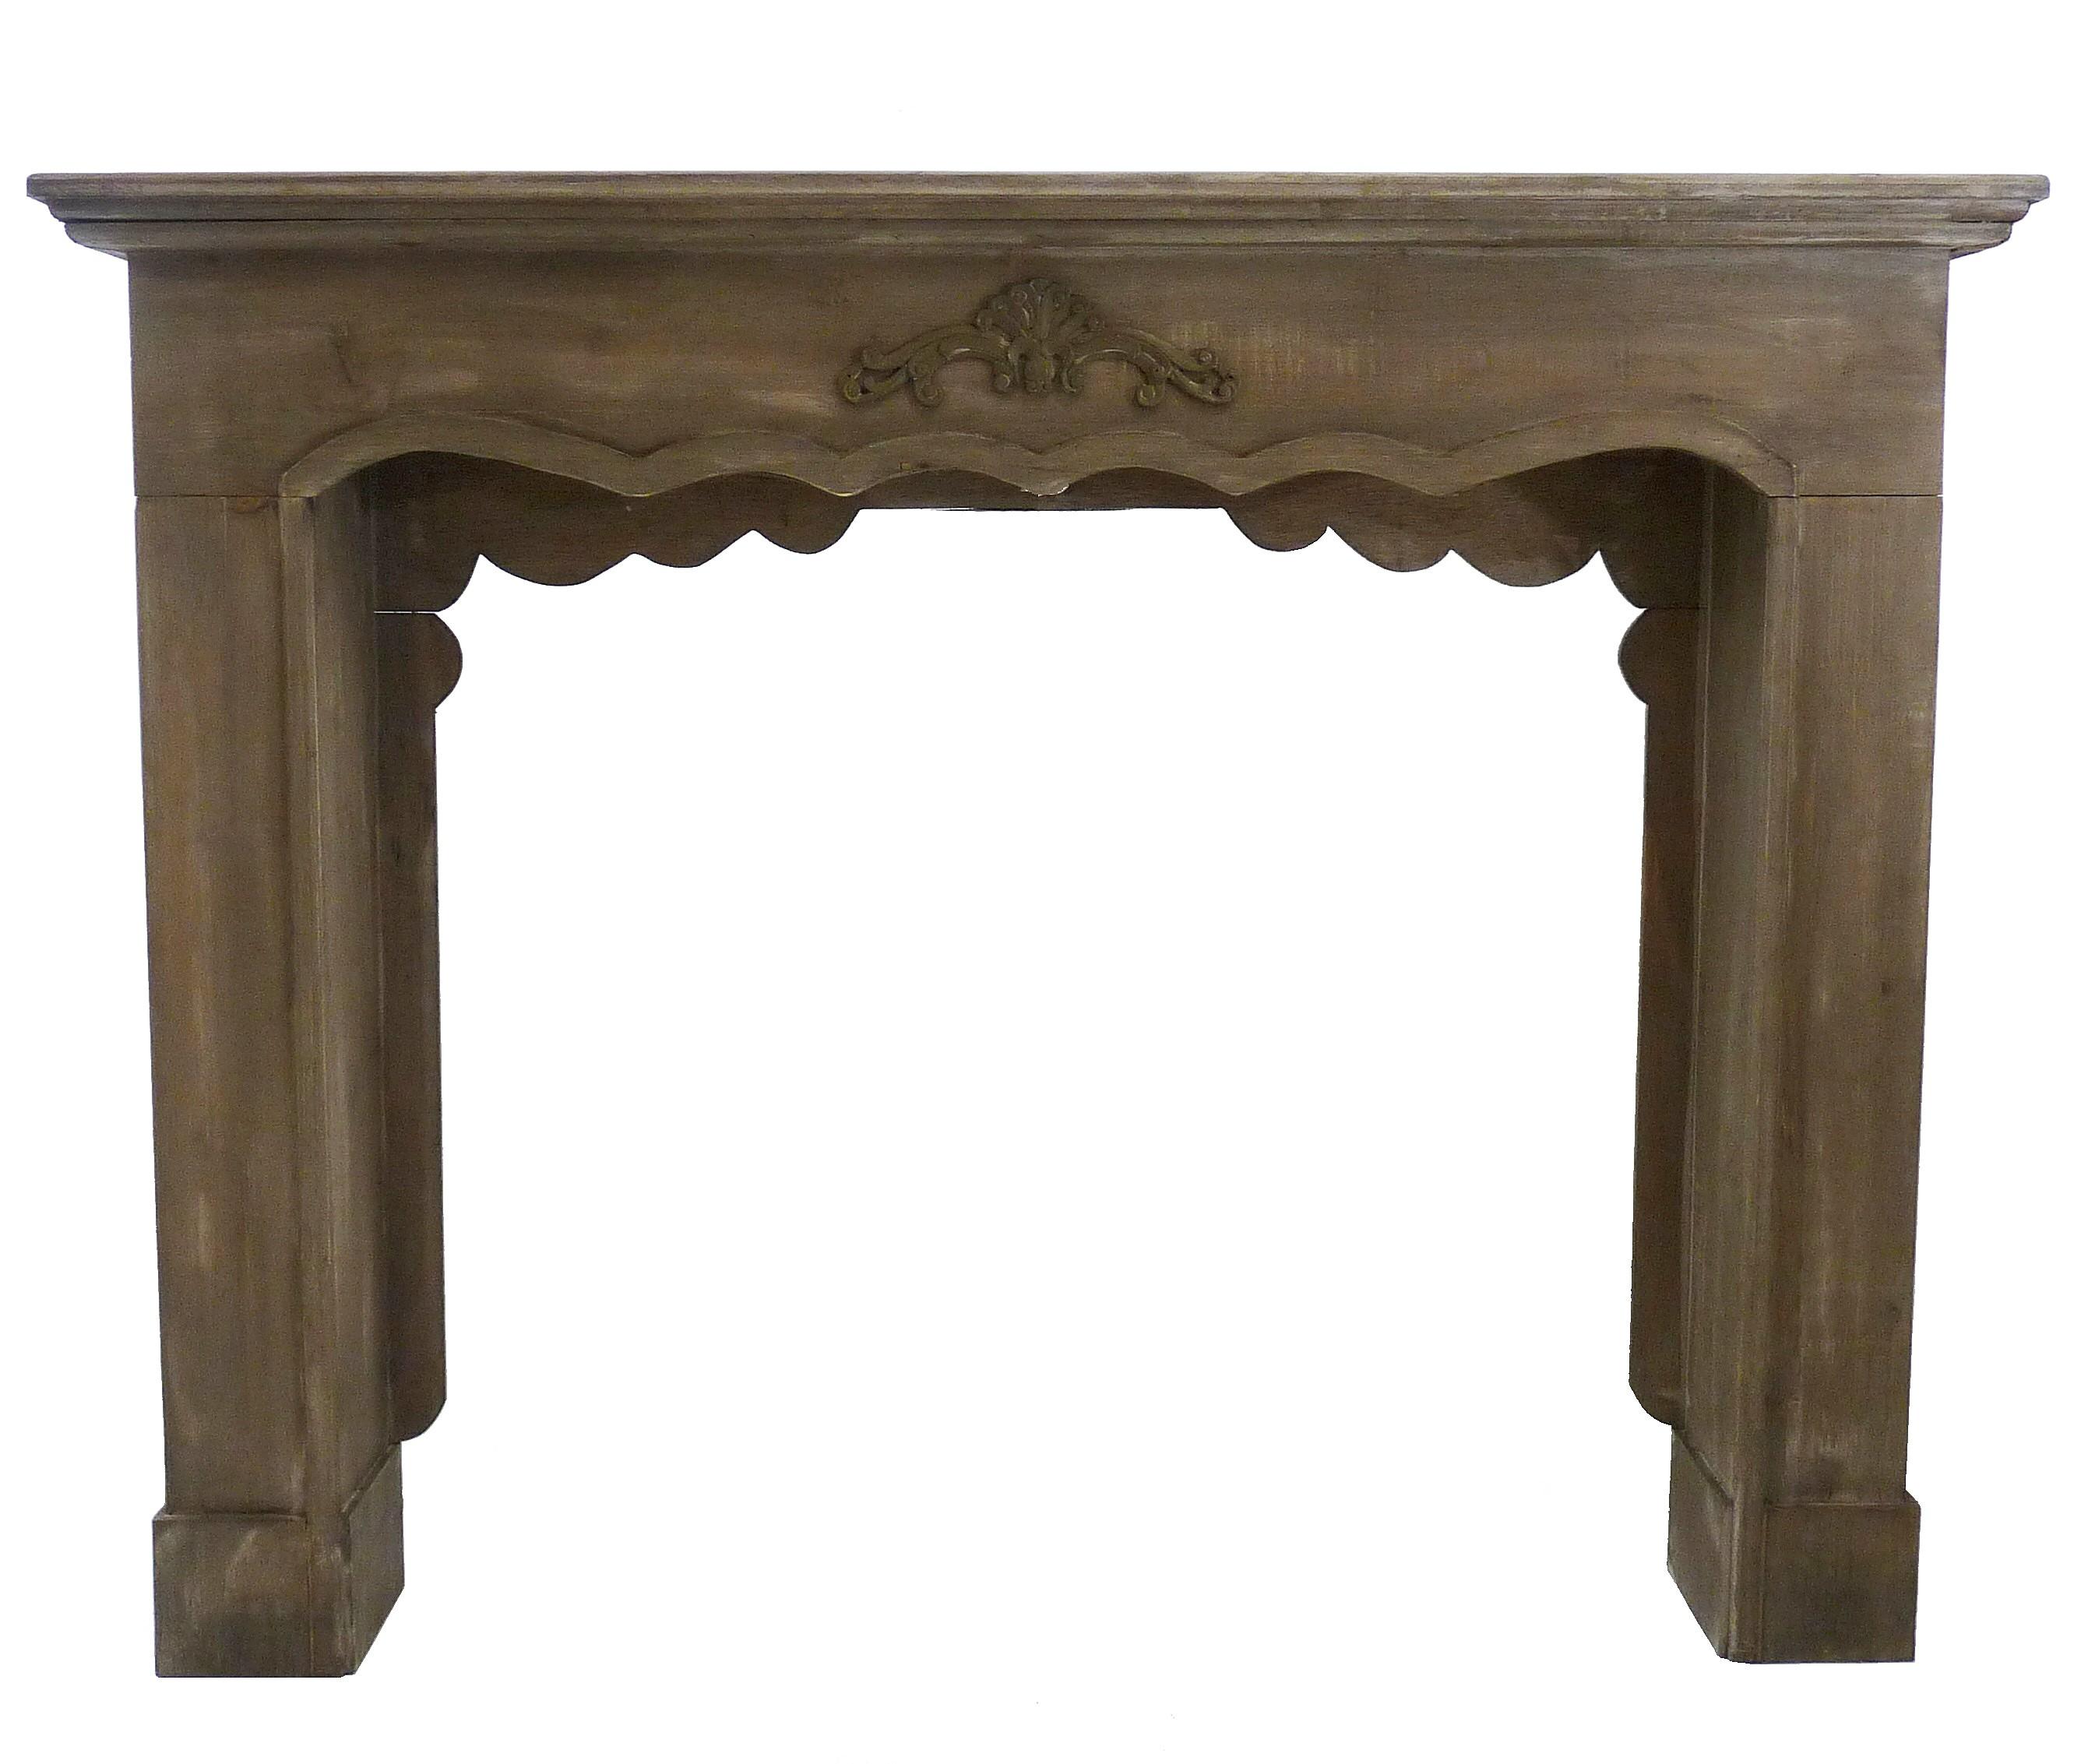 Entourage décor manteau de cheminée façade encadrement en bois ...